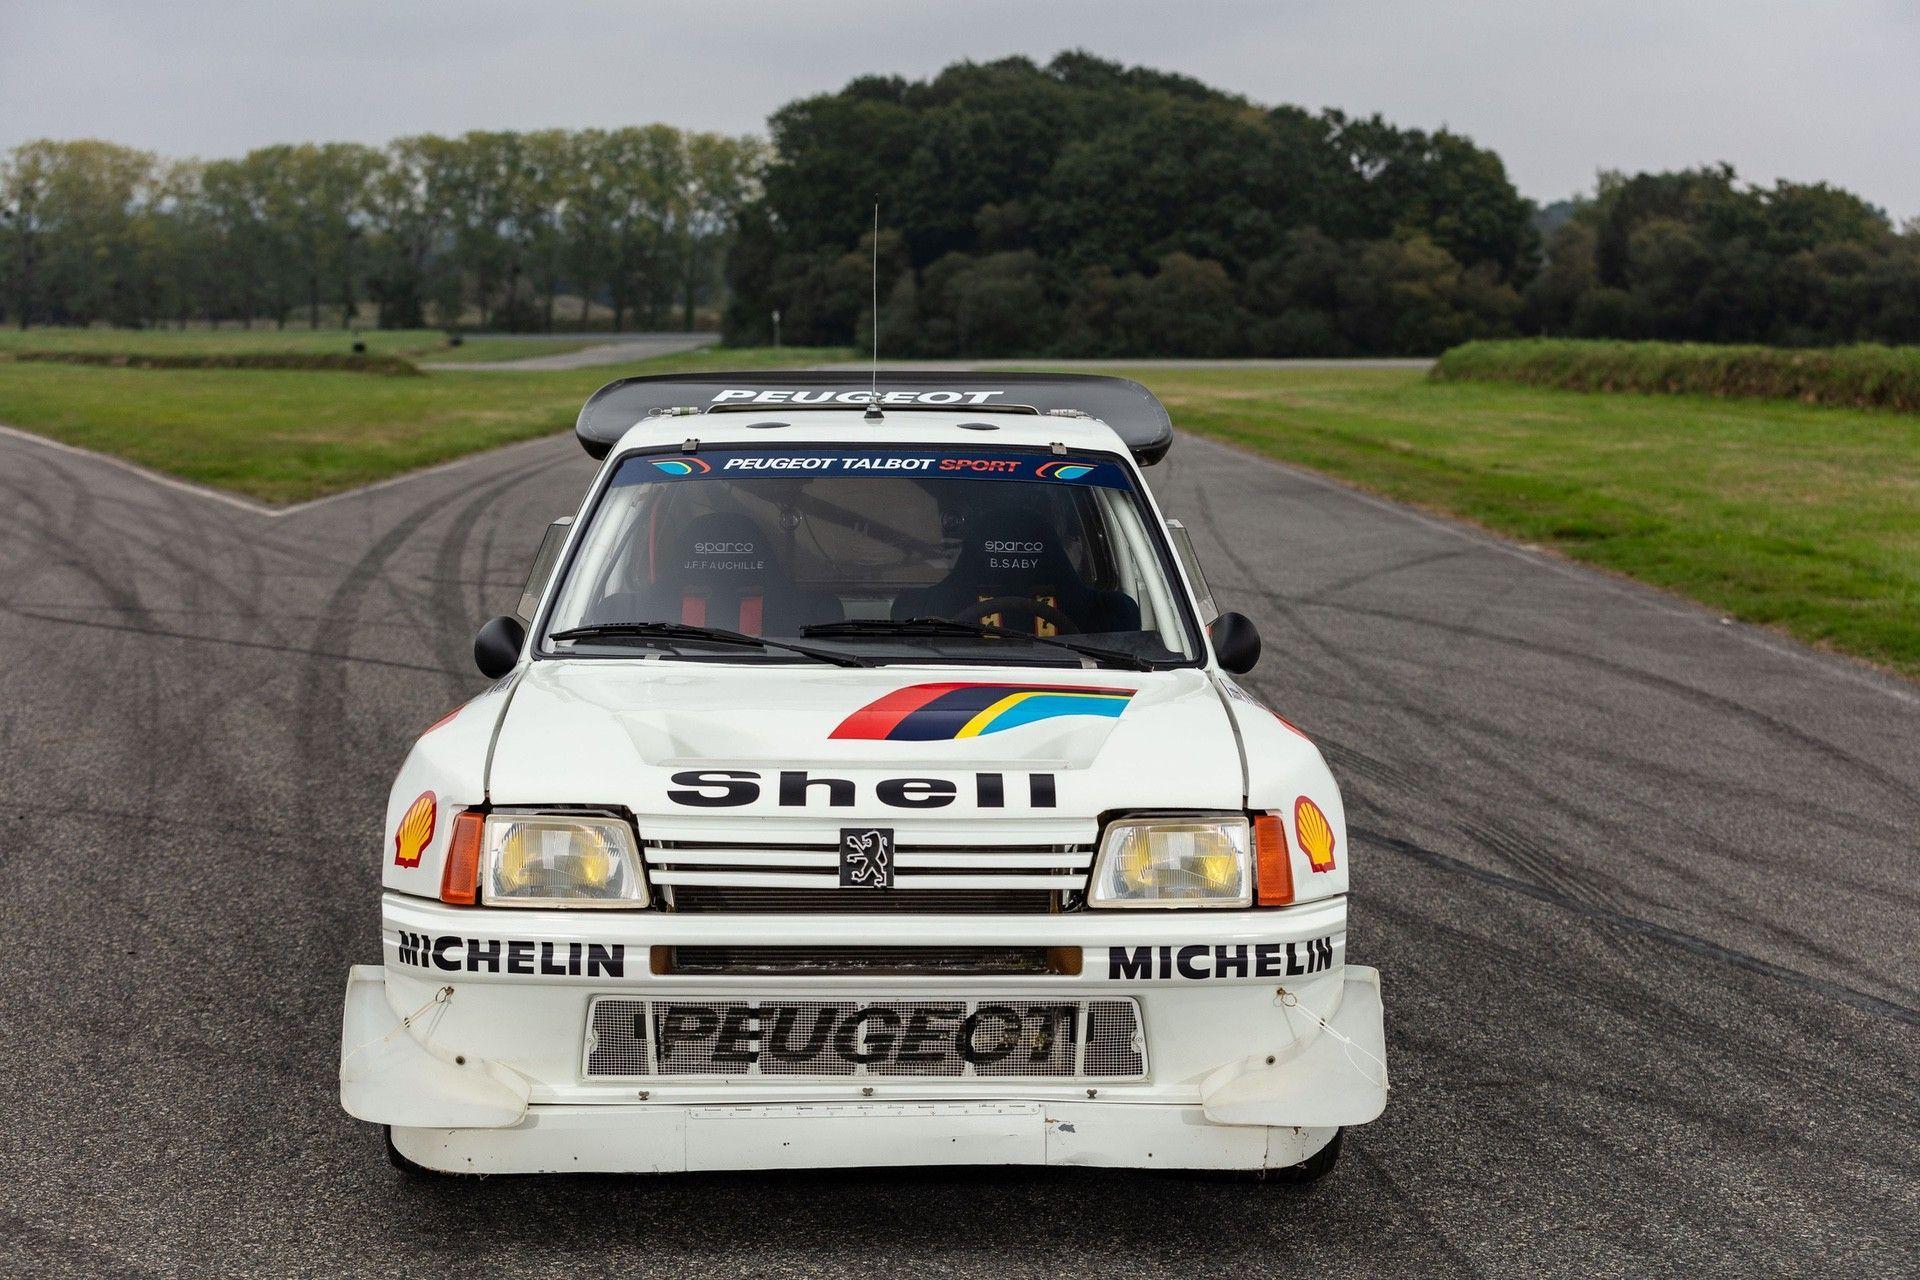 1985_Peugeot_205_Turbo_16_Evolution_2_sale-0051